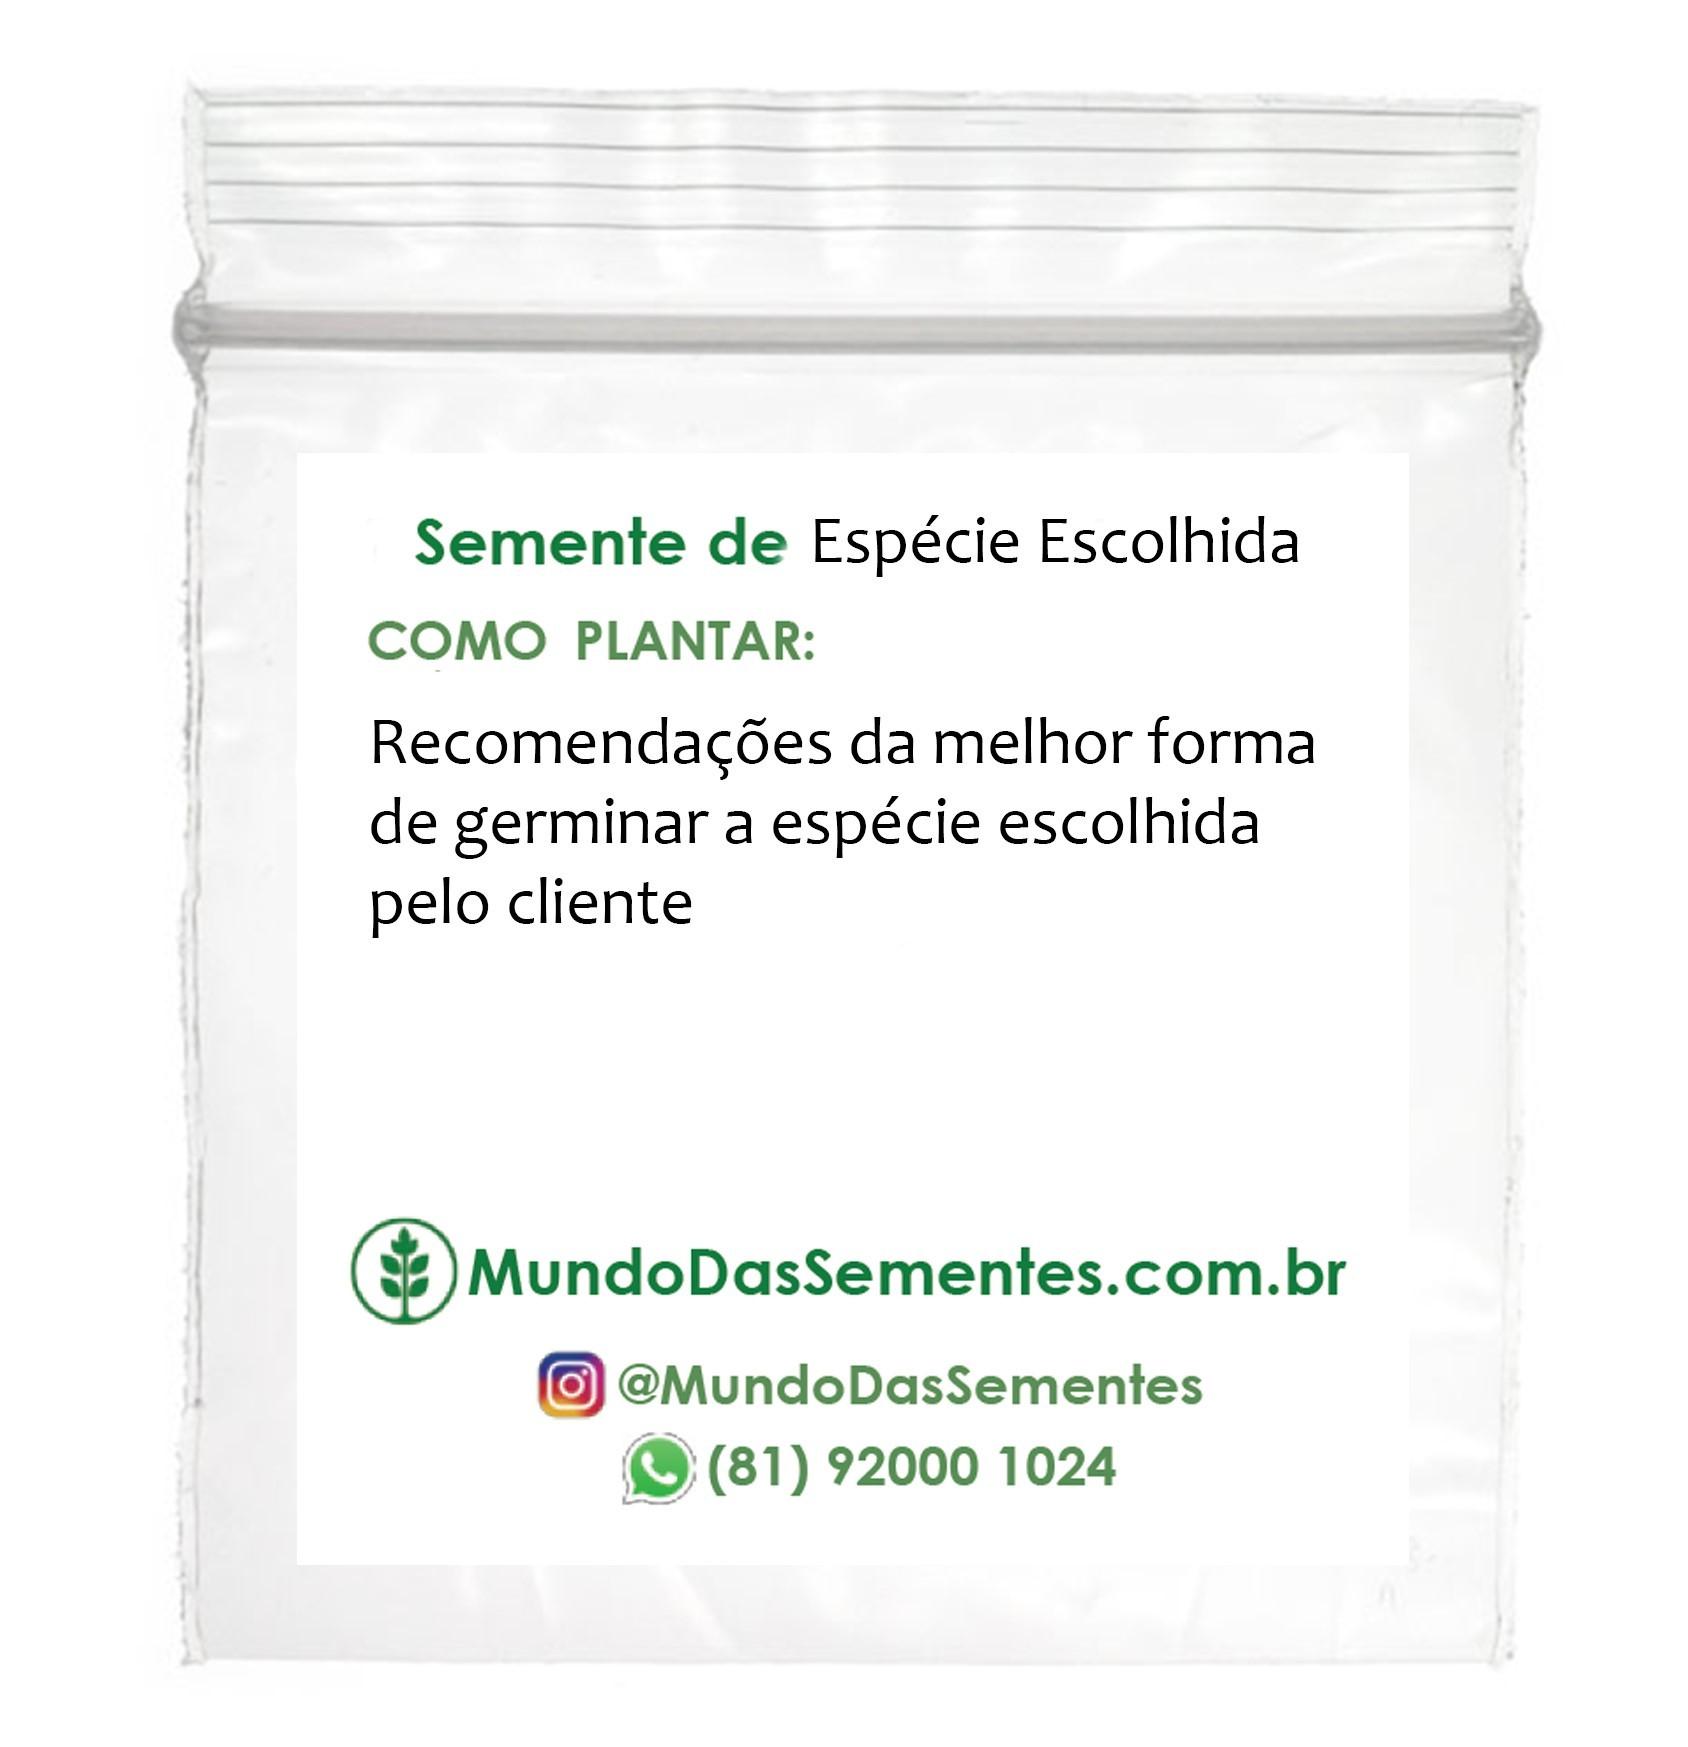 250 Brindes Ecológicos com Sementes – Ziplock 4x4cm com Etiqueta Personalizada - Mundo das Sementes